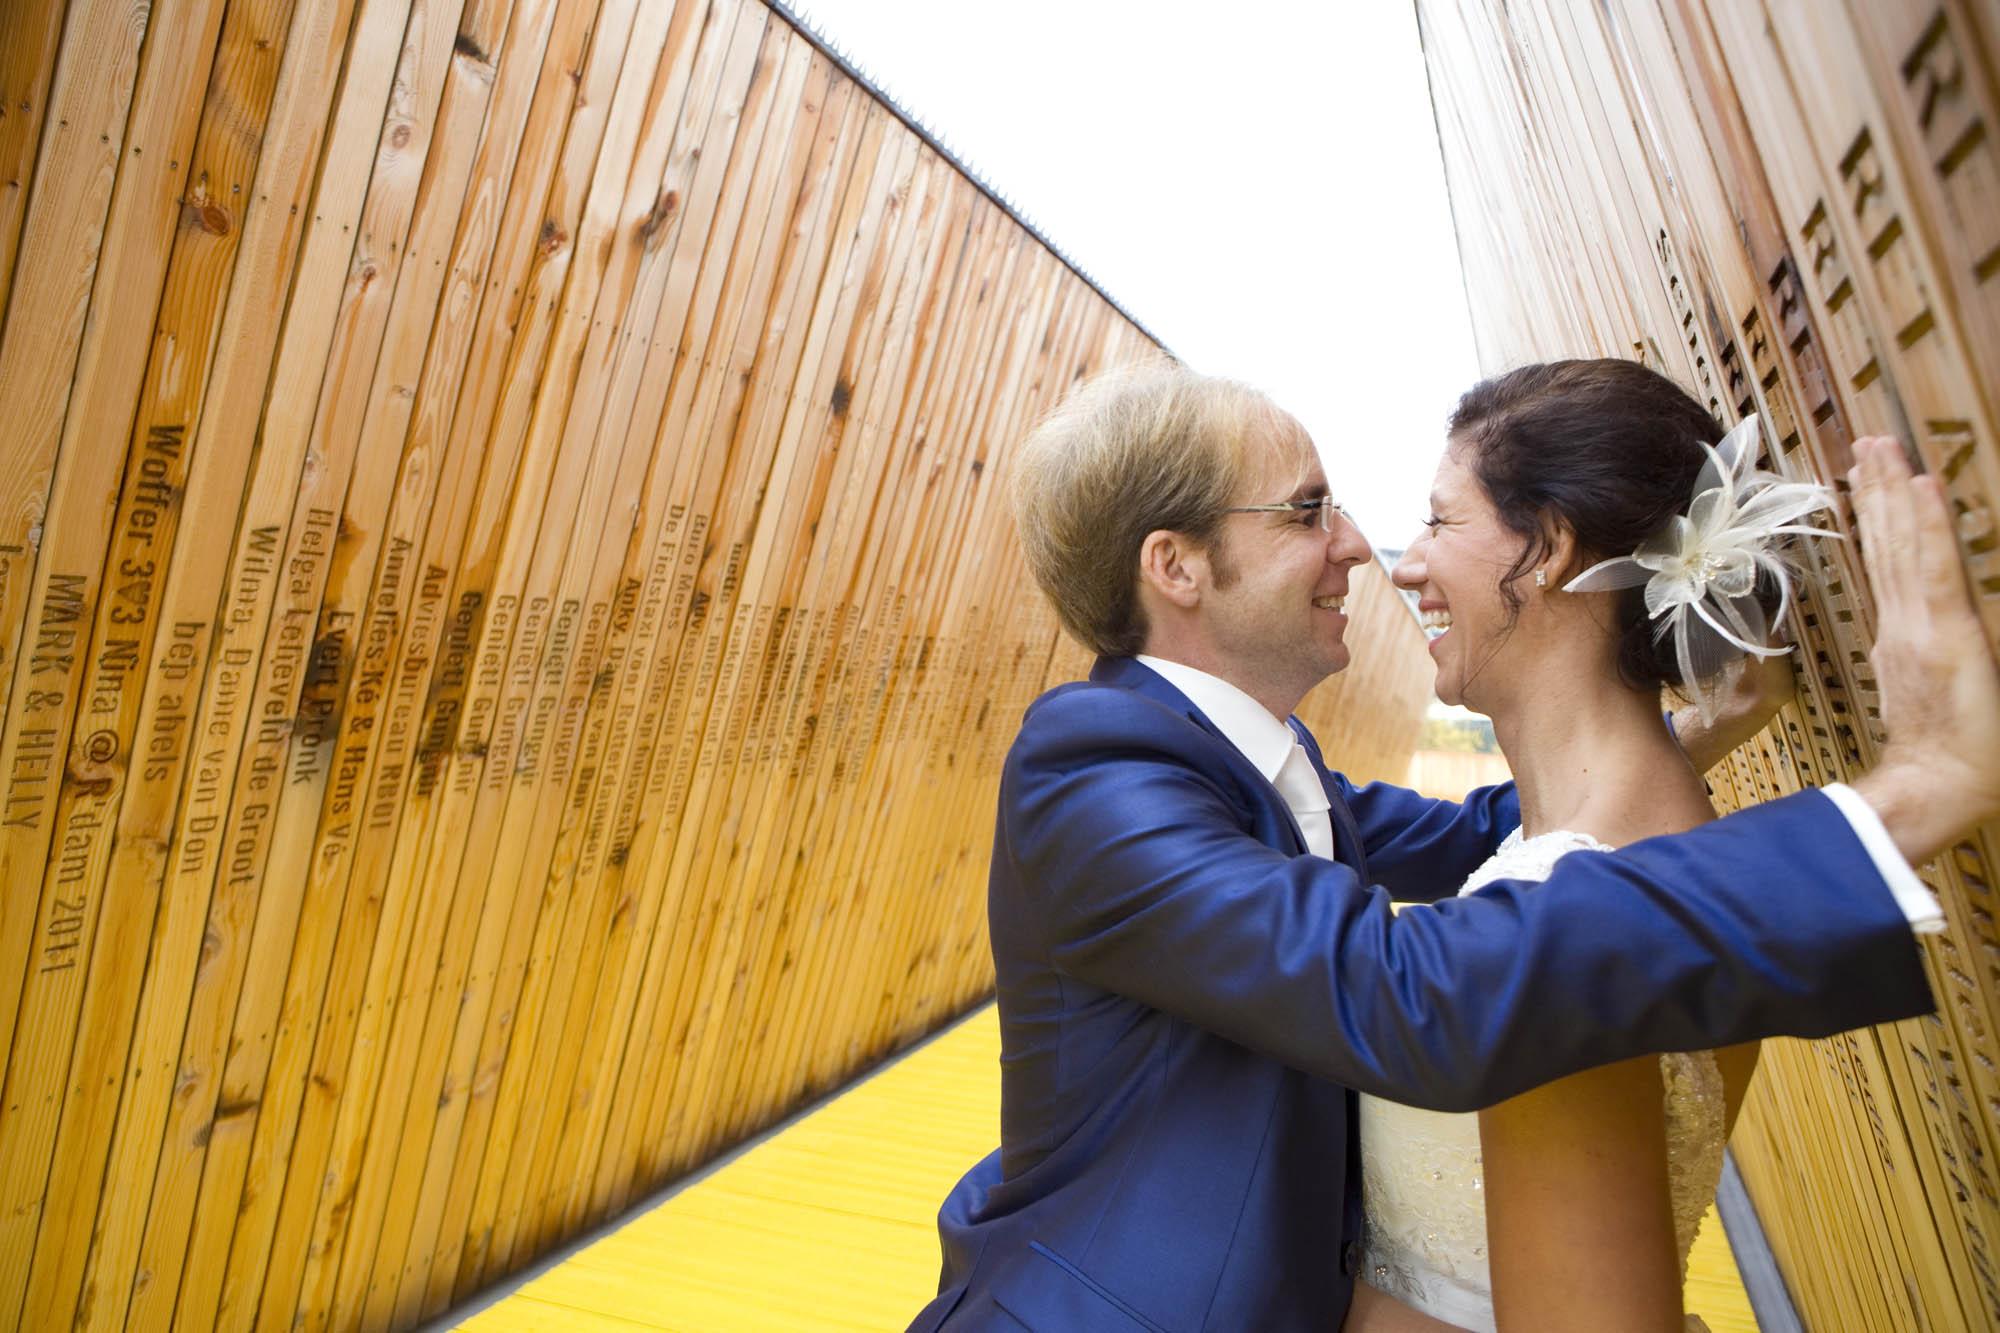 BBruidsfotografie bruiloft Kuyl's Fundatie Rotterdam trouwreportage Luchtsingel gele brug Rotterdam